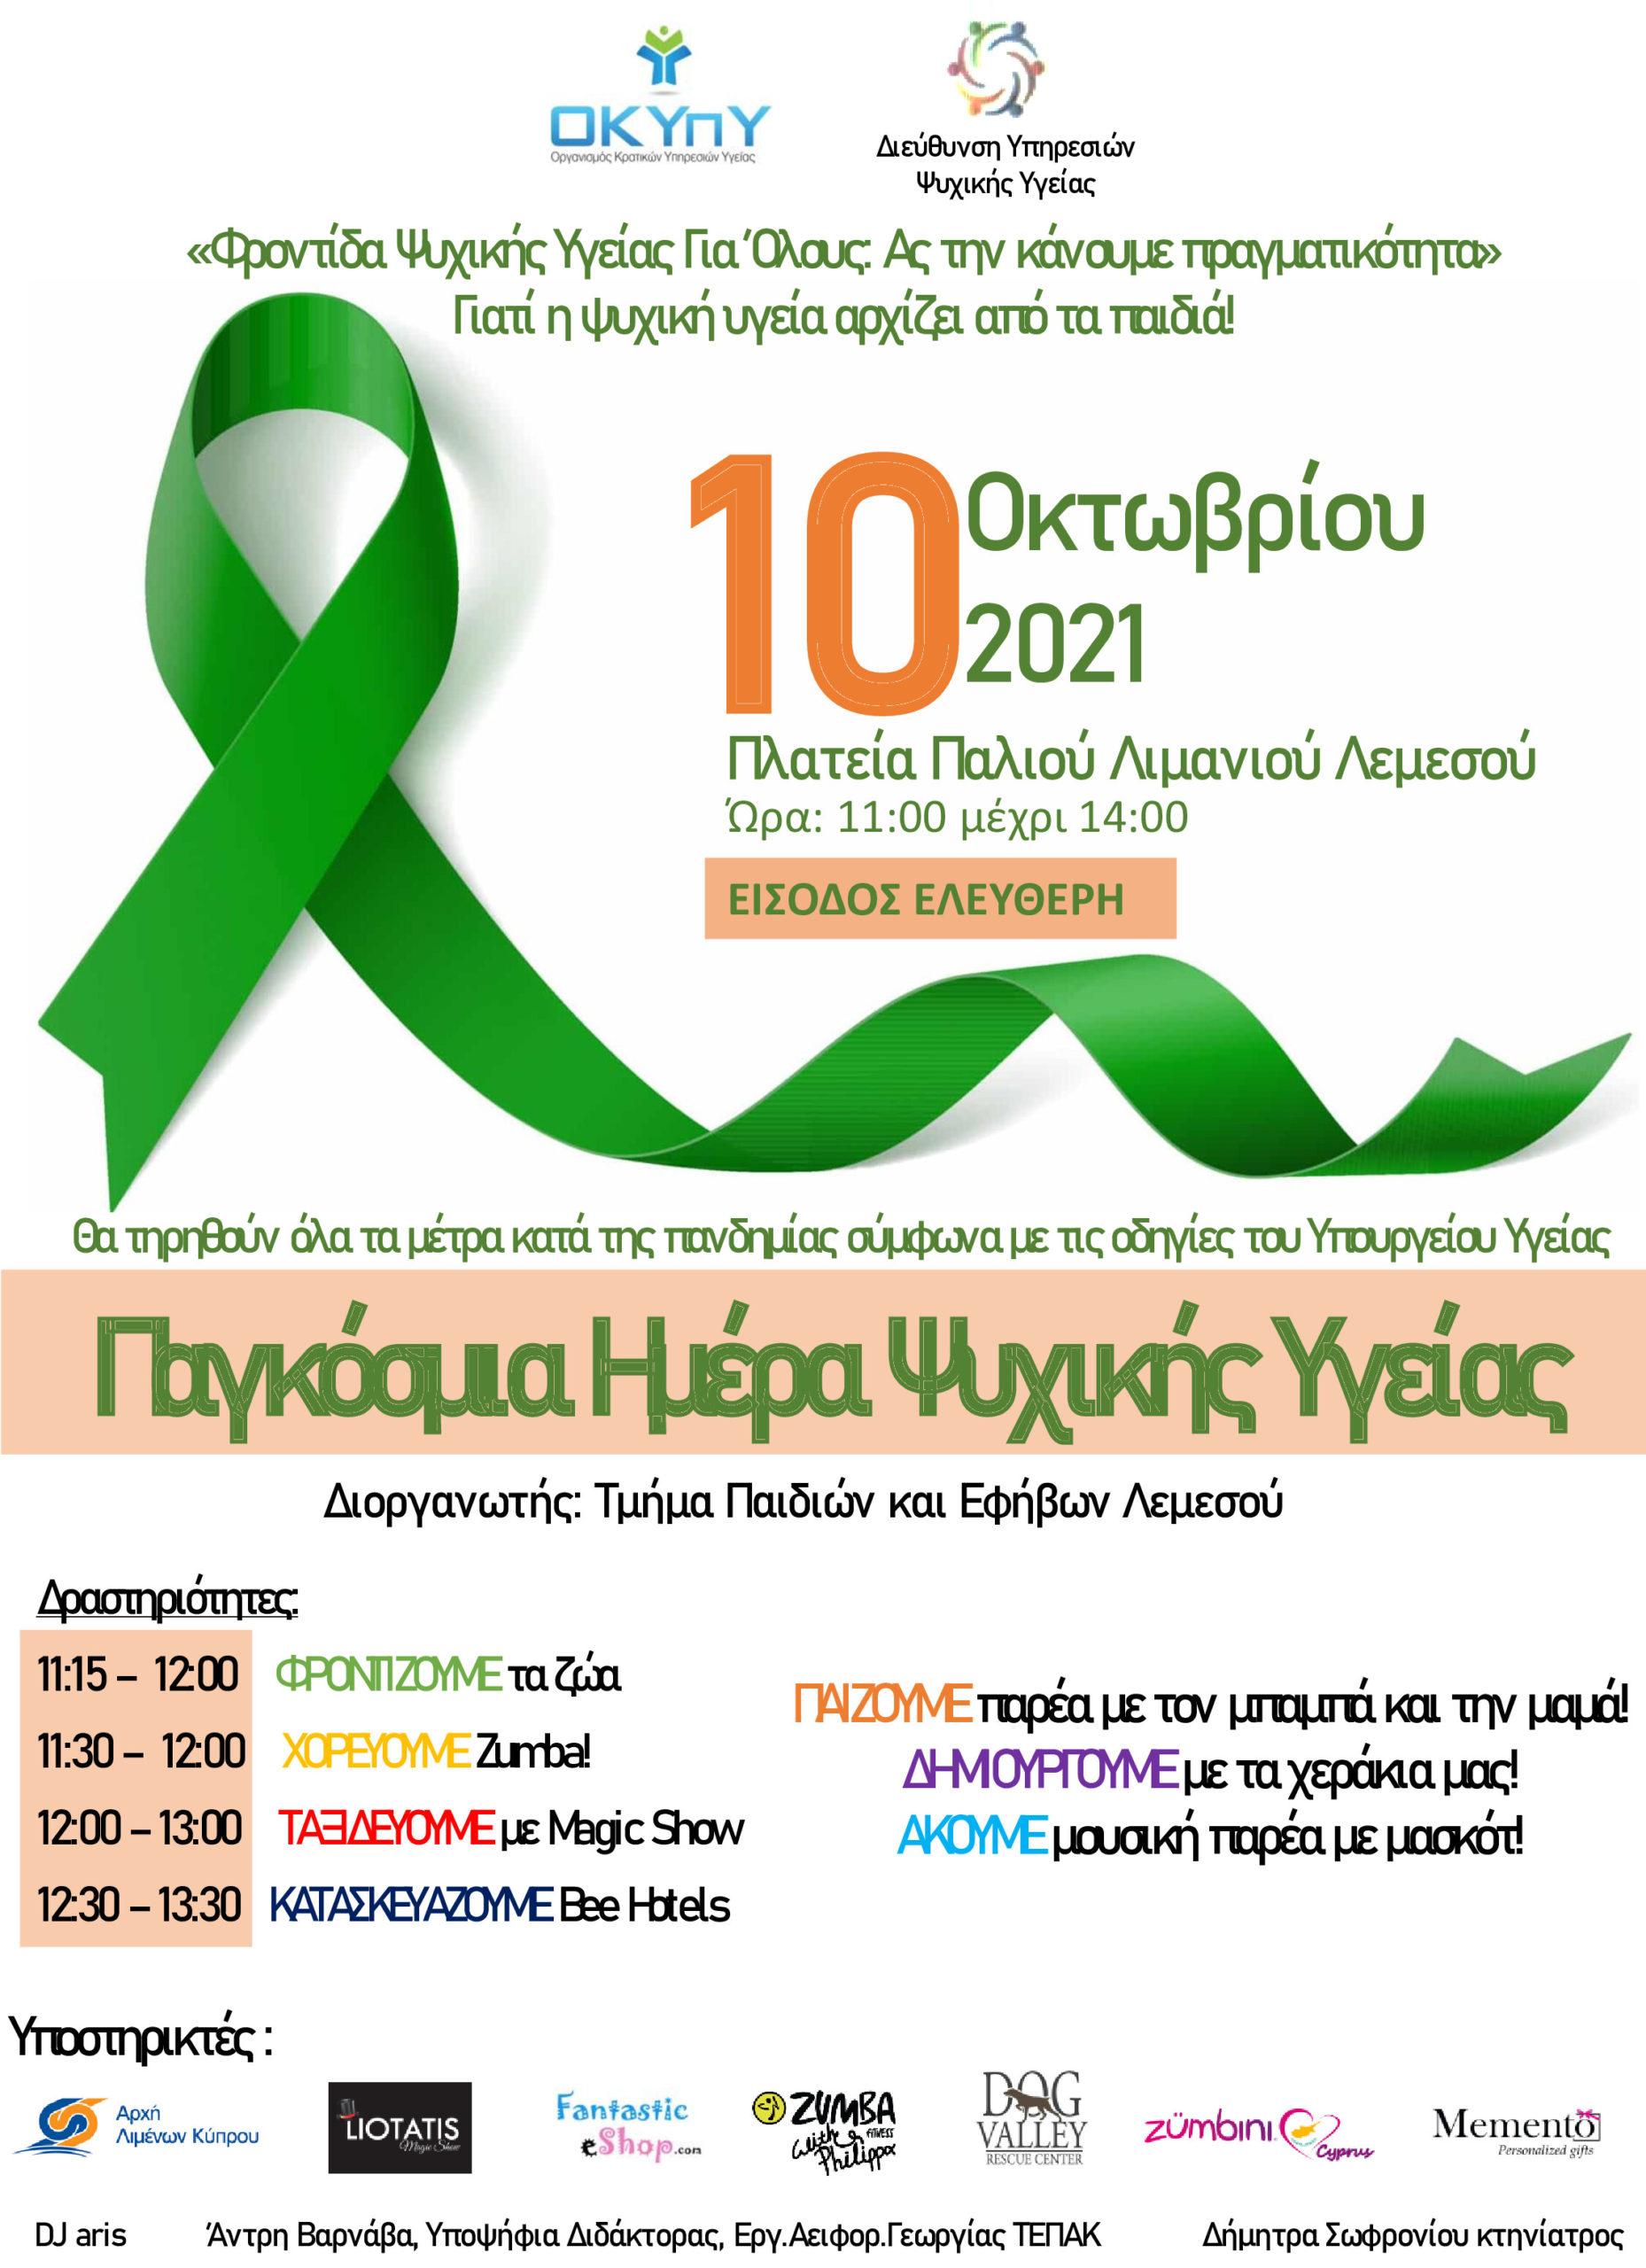 Παγκόσμια Ημέρα Ψυχικής Υγειας 10 Οκτωβρίου 2021